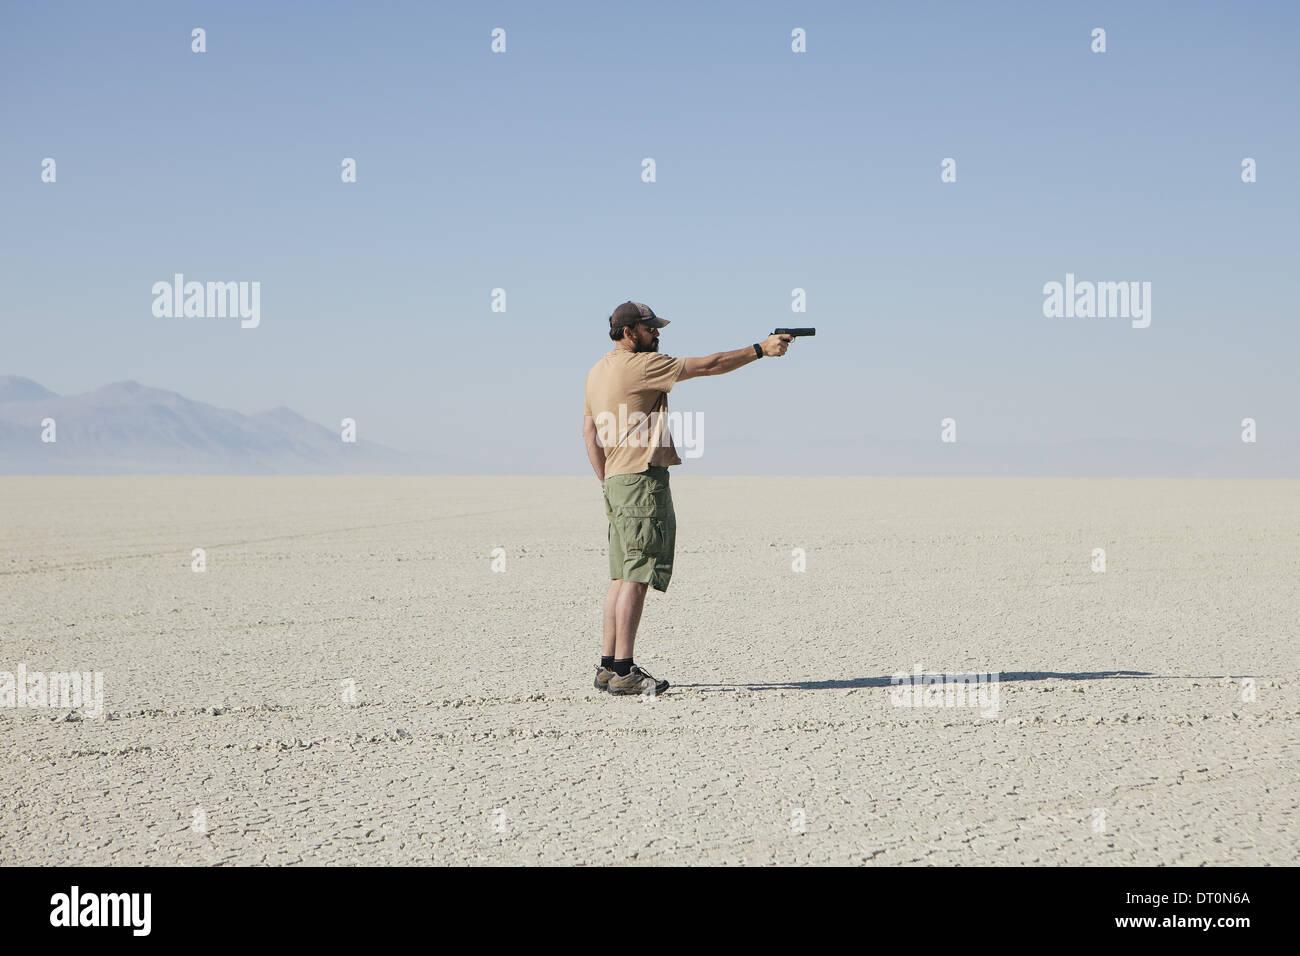 Black Rock Desert Nevada USA Man aiming hand gun standing in vast barren desert - Stock Image